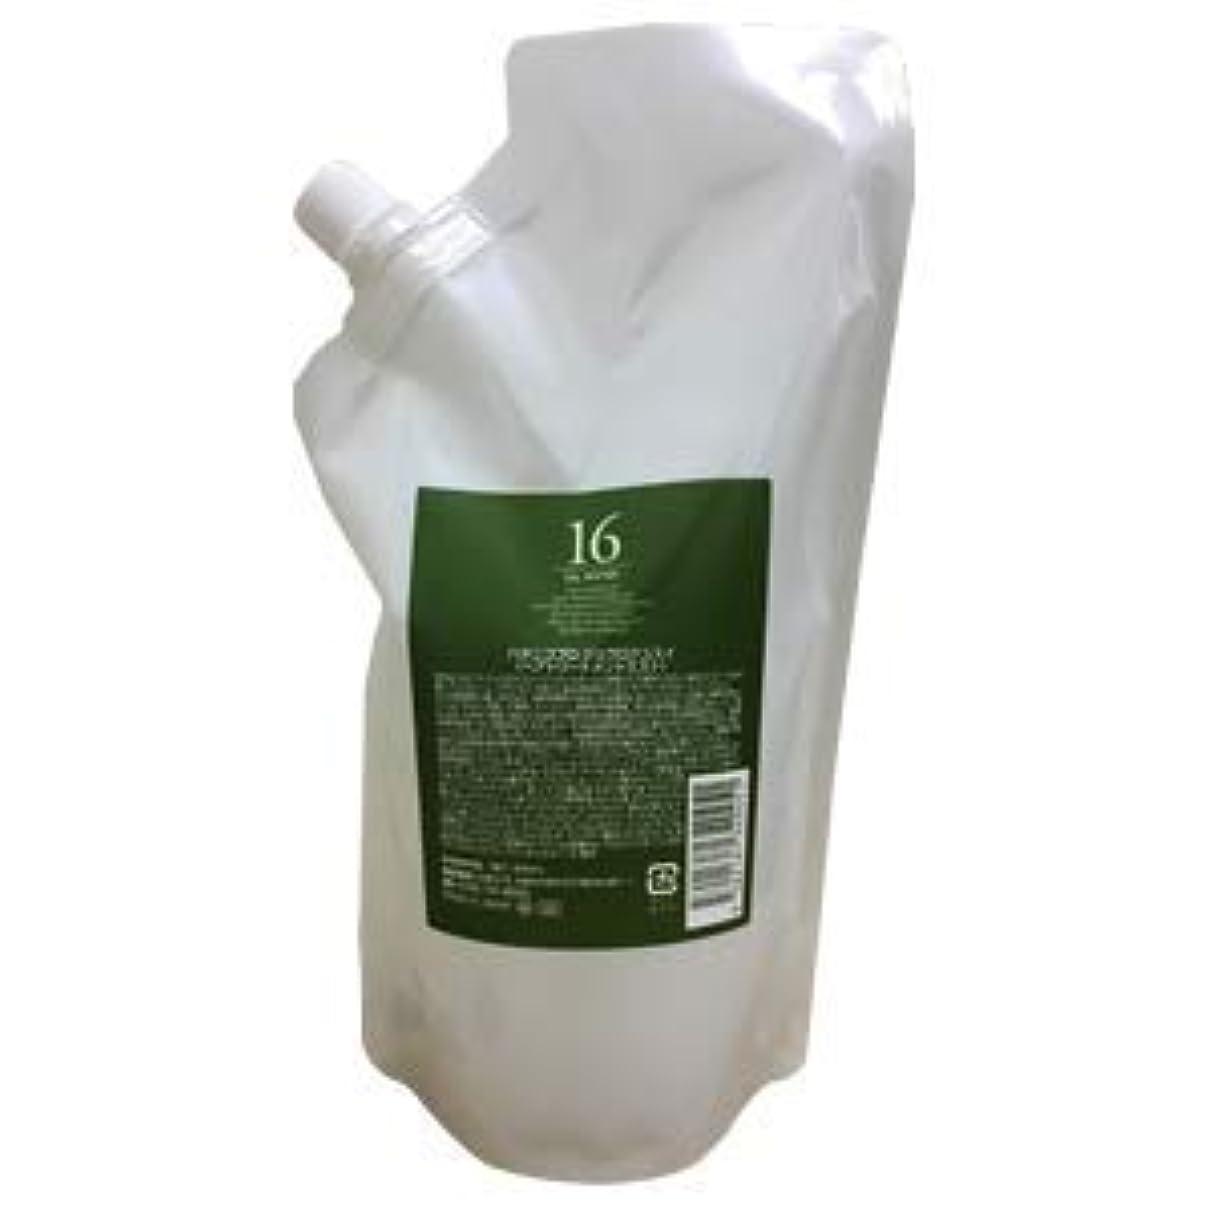 圧縮幻想固有のハホニコ 十六油水 (16油水 ジュウロクユスイ) 500mL 詰替え用